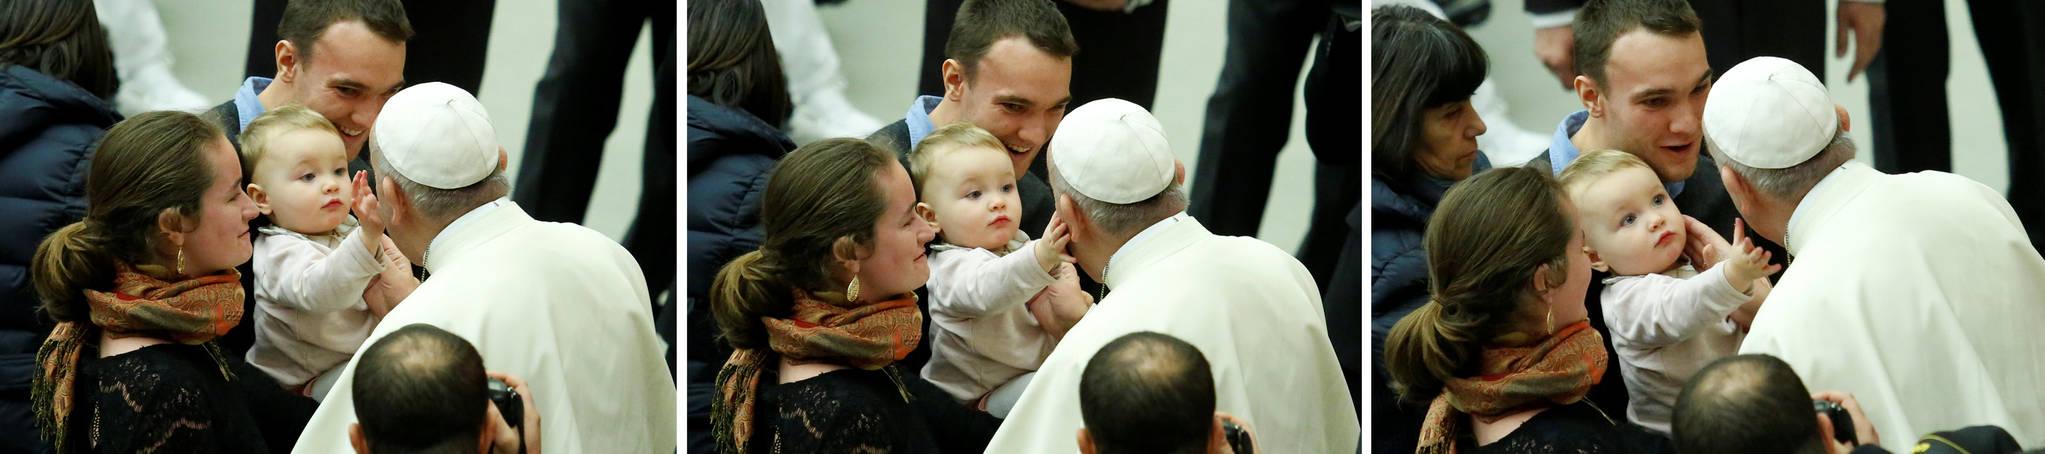 프란치스코 교황이 3일(현지시간) 바티칸 바오로 6세 알현실에서 열린 새해 첫 수요 일반알현에서 부모와 같이 온 어린아이가 자신의 볼을 어루만지자 같이 쓰다듬어 주고 있다.[로이터=연합뉴스]